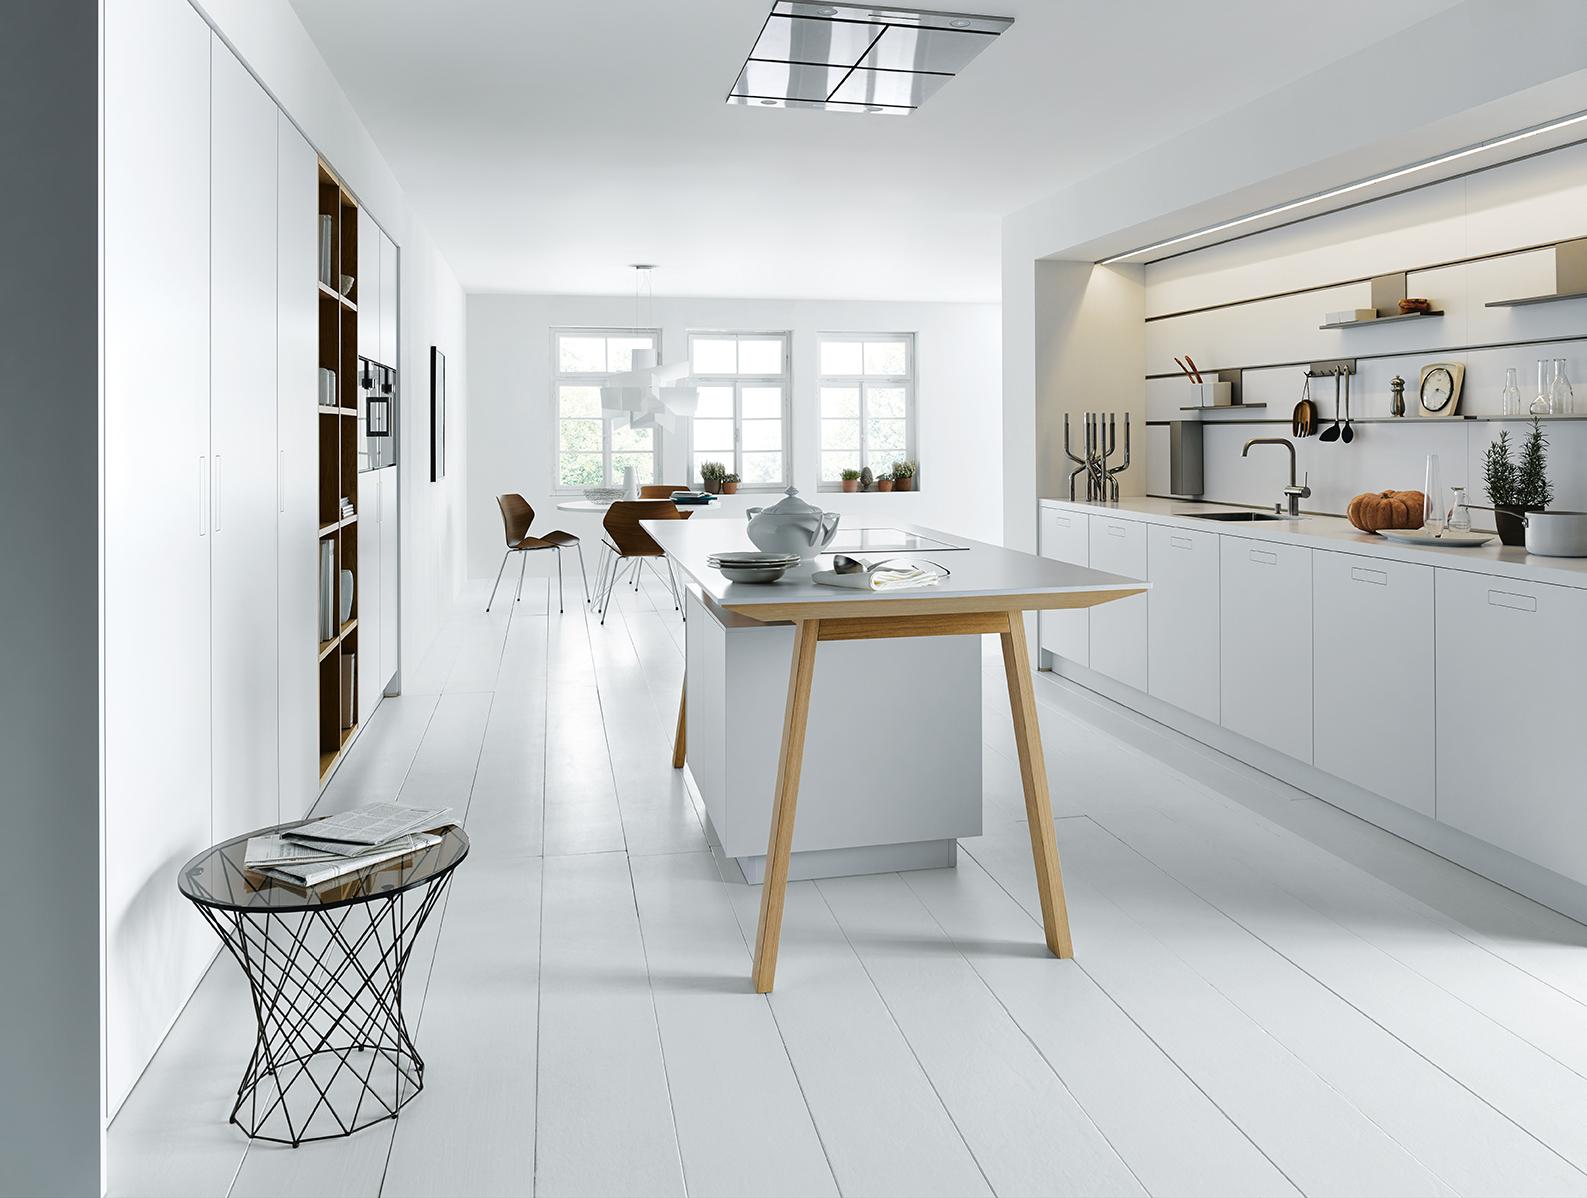 Cuisine équipée blanche de la marque Next 125 installateur littoz annecy